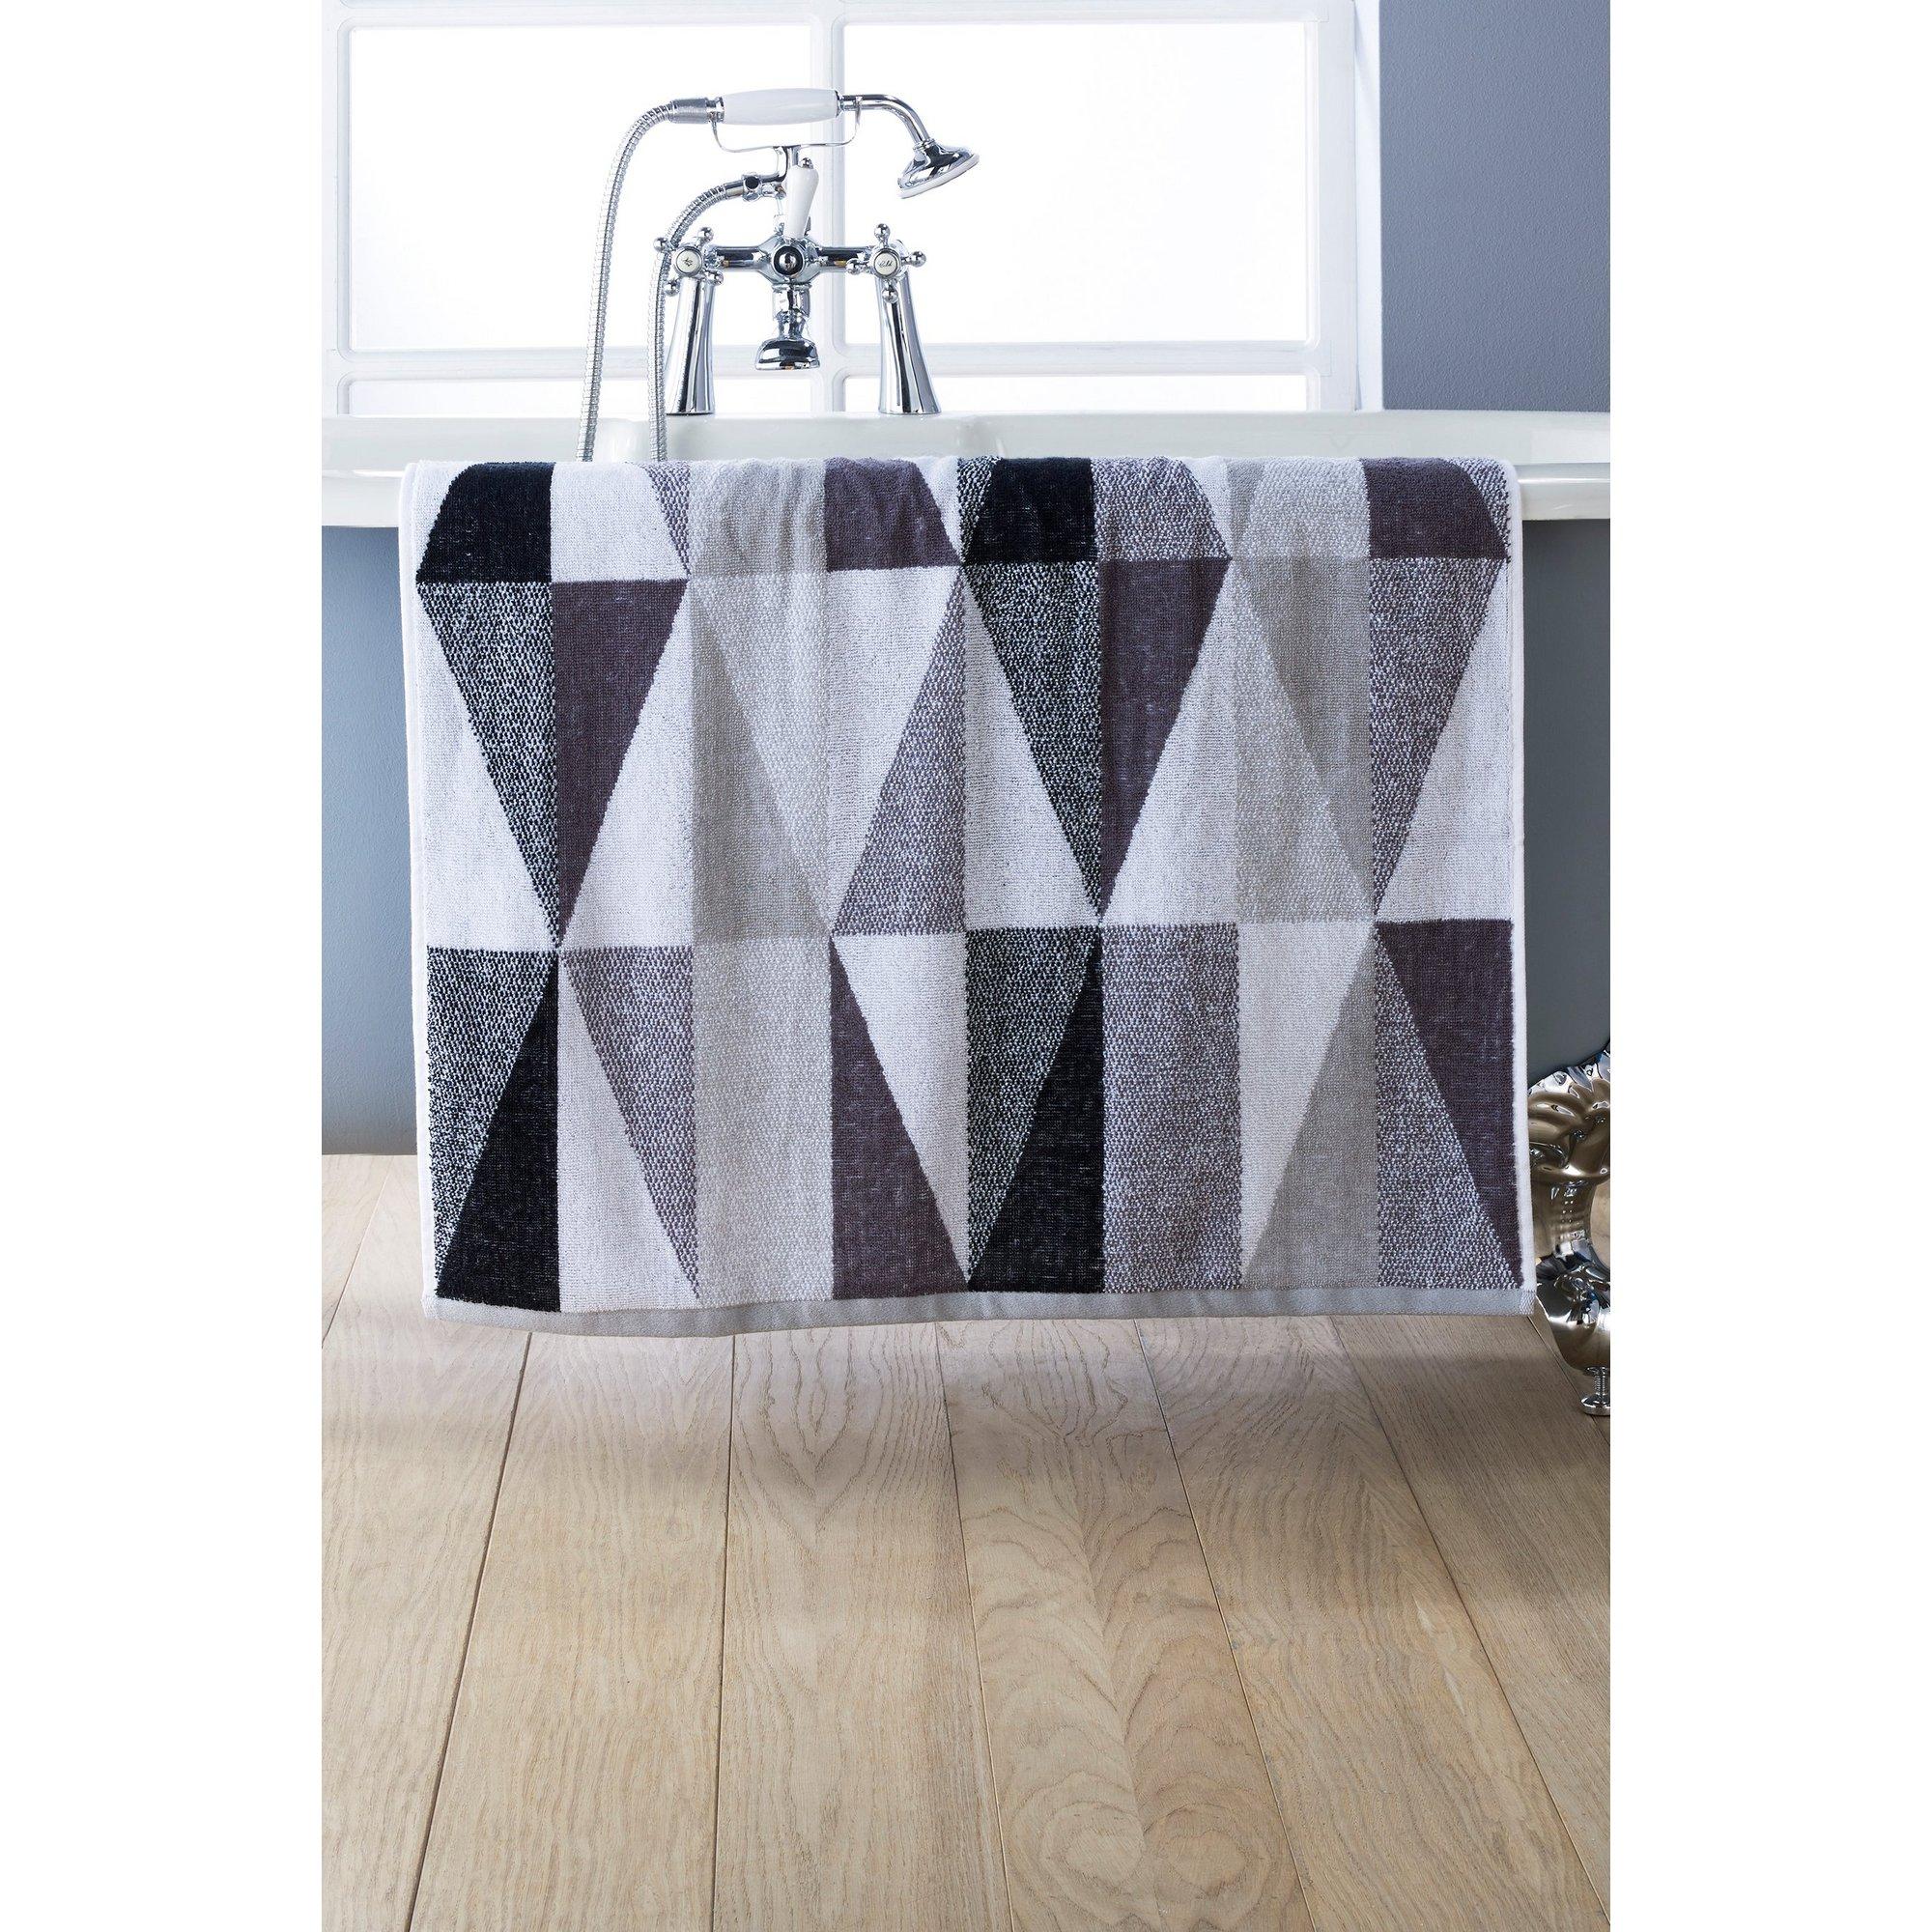 Image of Kingsley Diamond Geo Towels